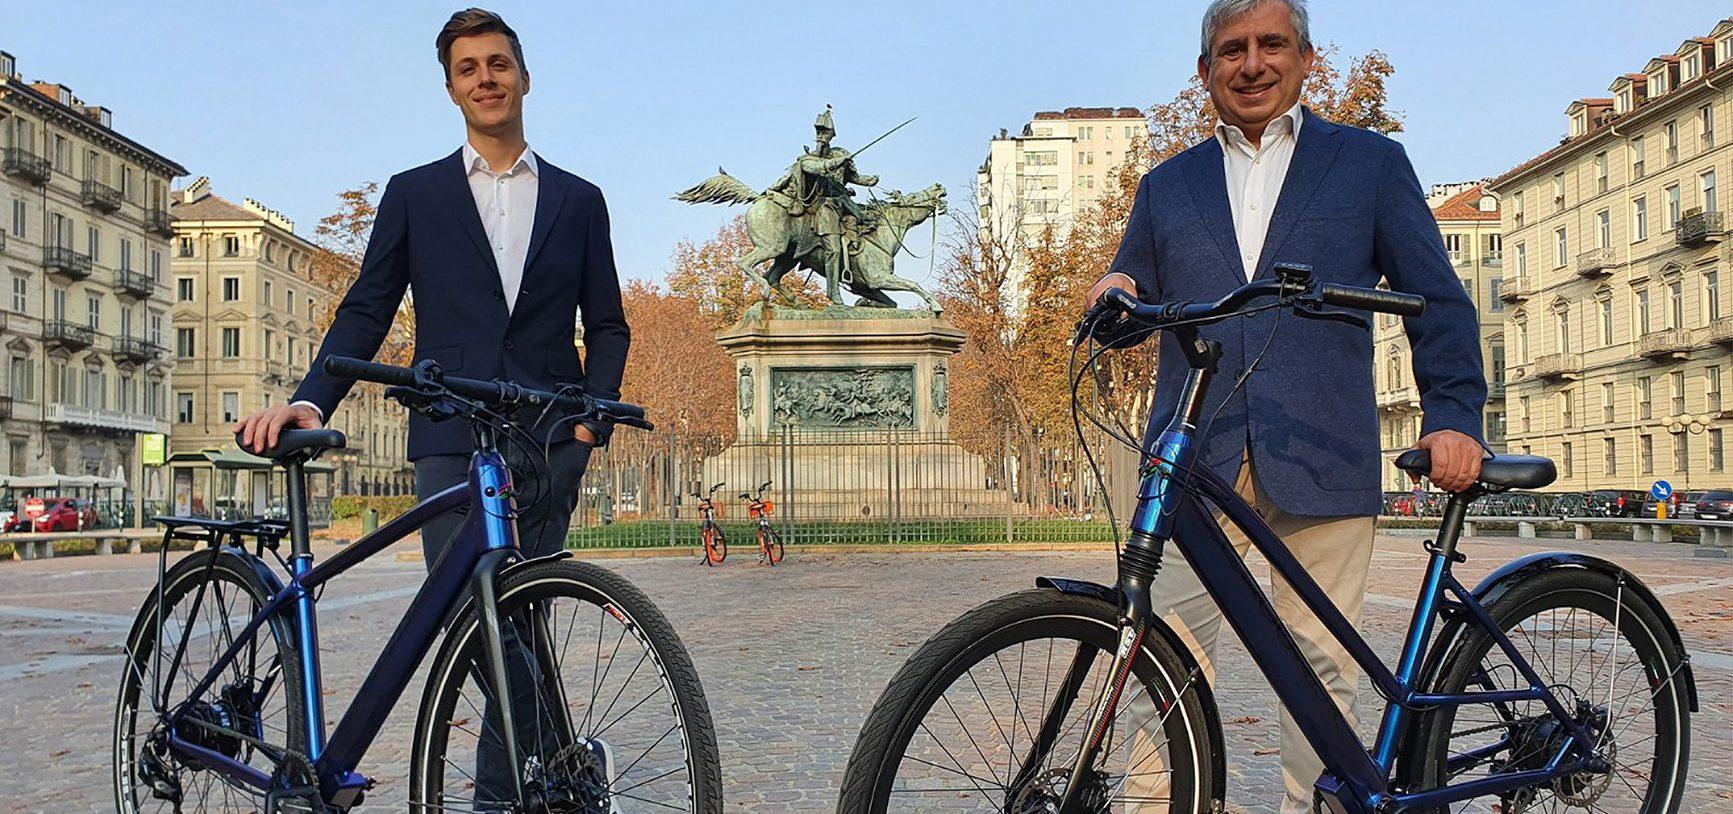 Bici elettrica e mobilità sostenibile? Ci pensa il welfare aziendale